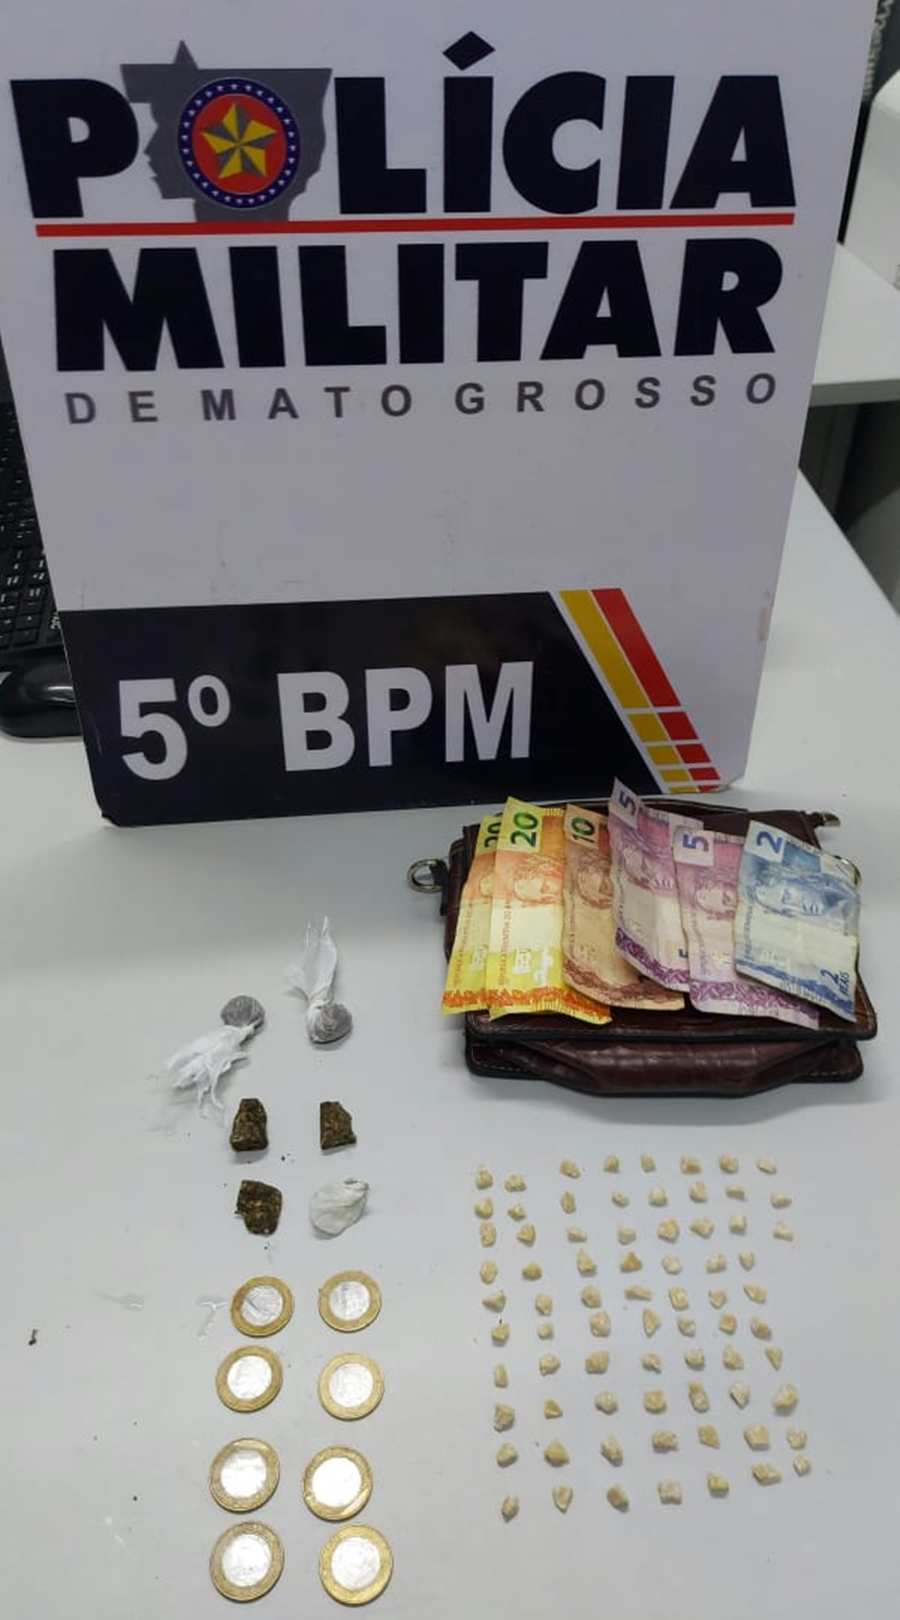 Imagem: droga jd paulista Adolescente com extensa ficha criminal é apreendida com drogas